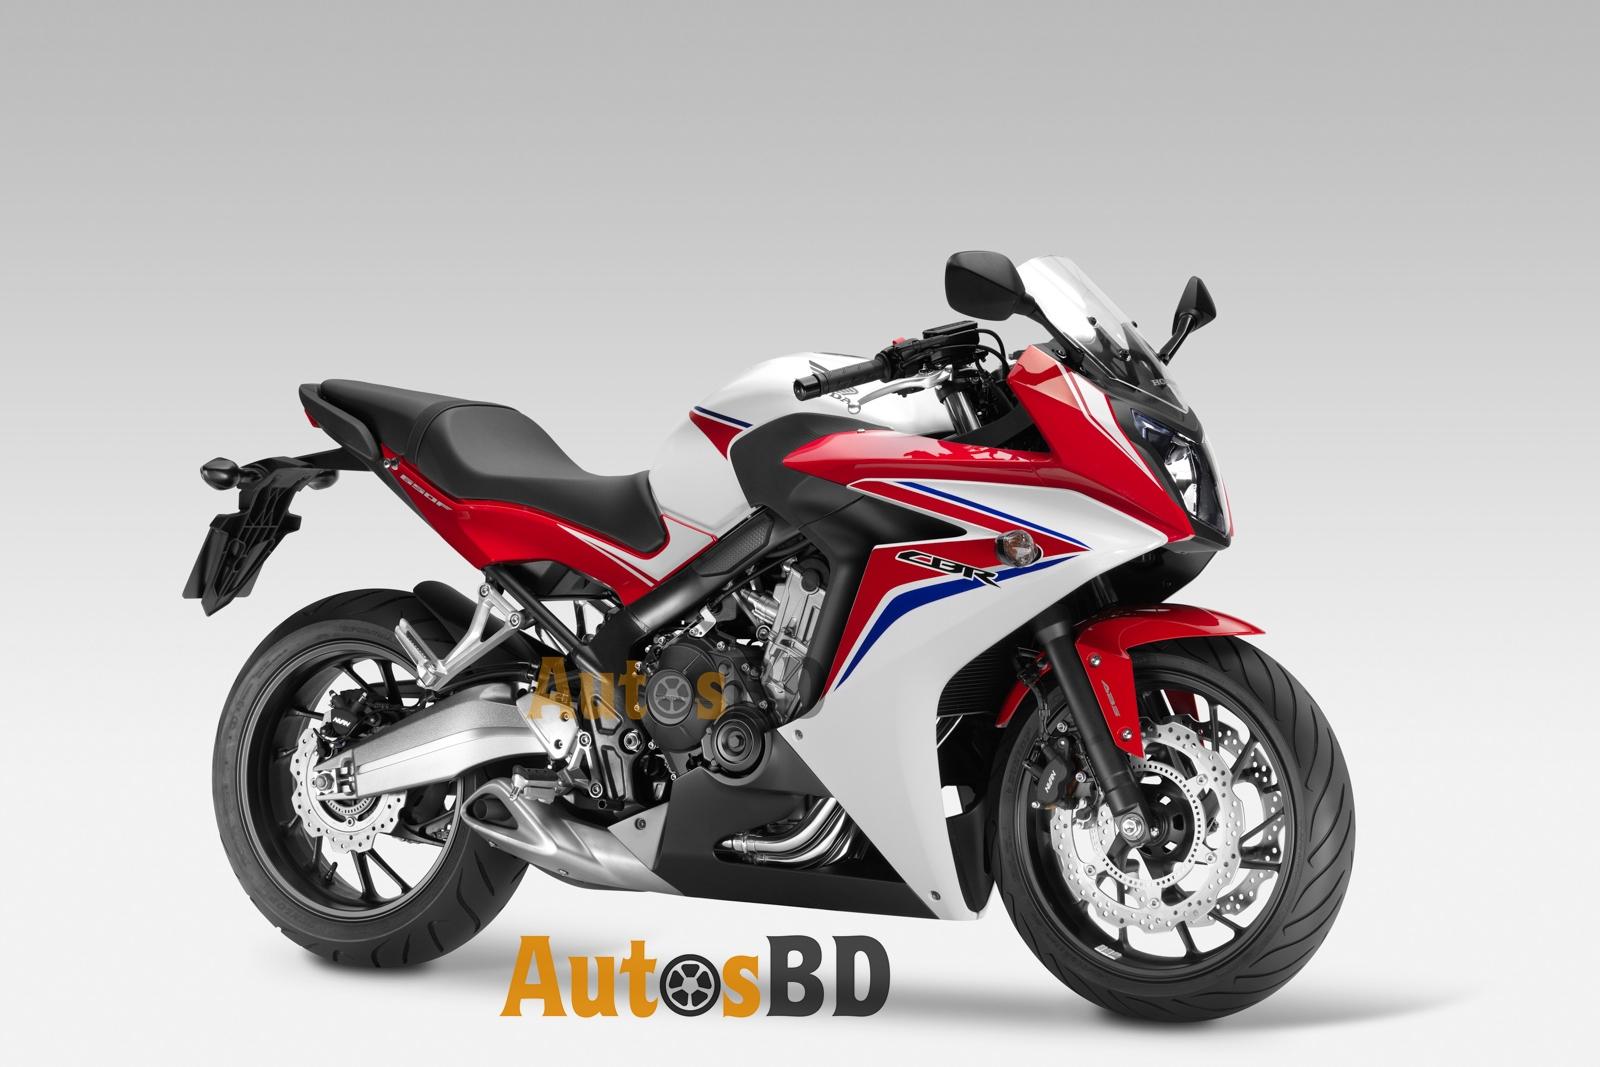 Honda CBR650F Motorcycle Specification